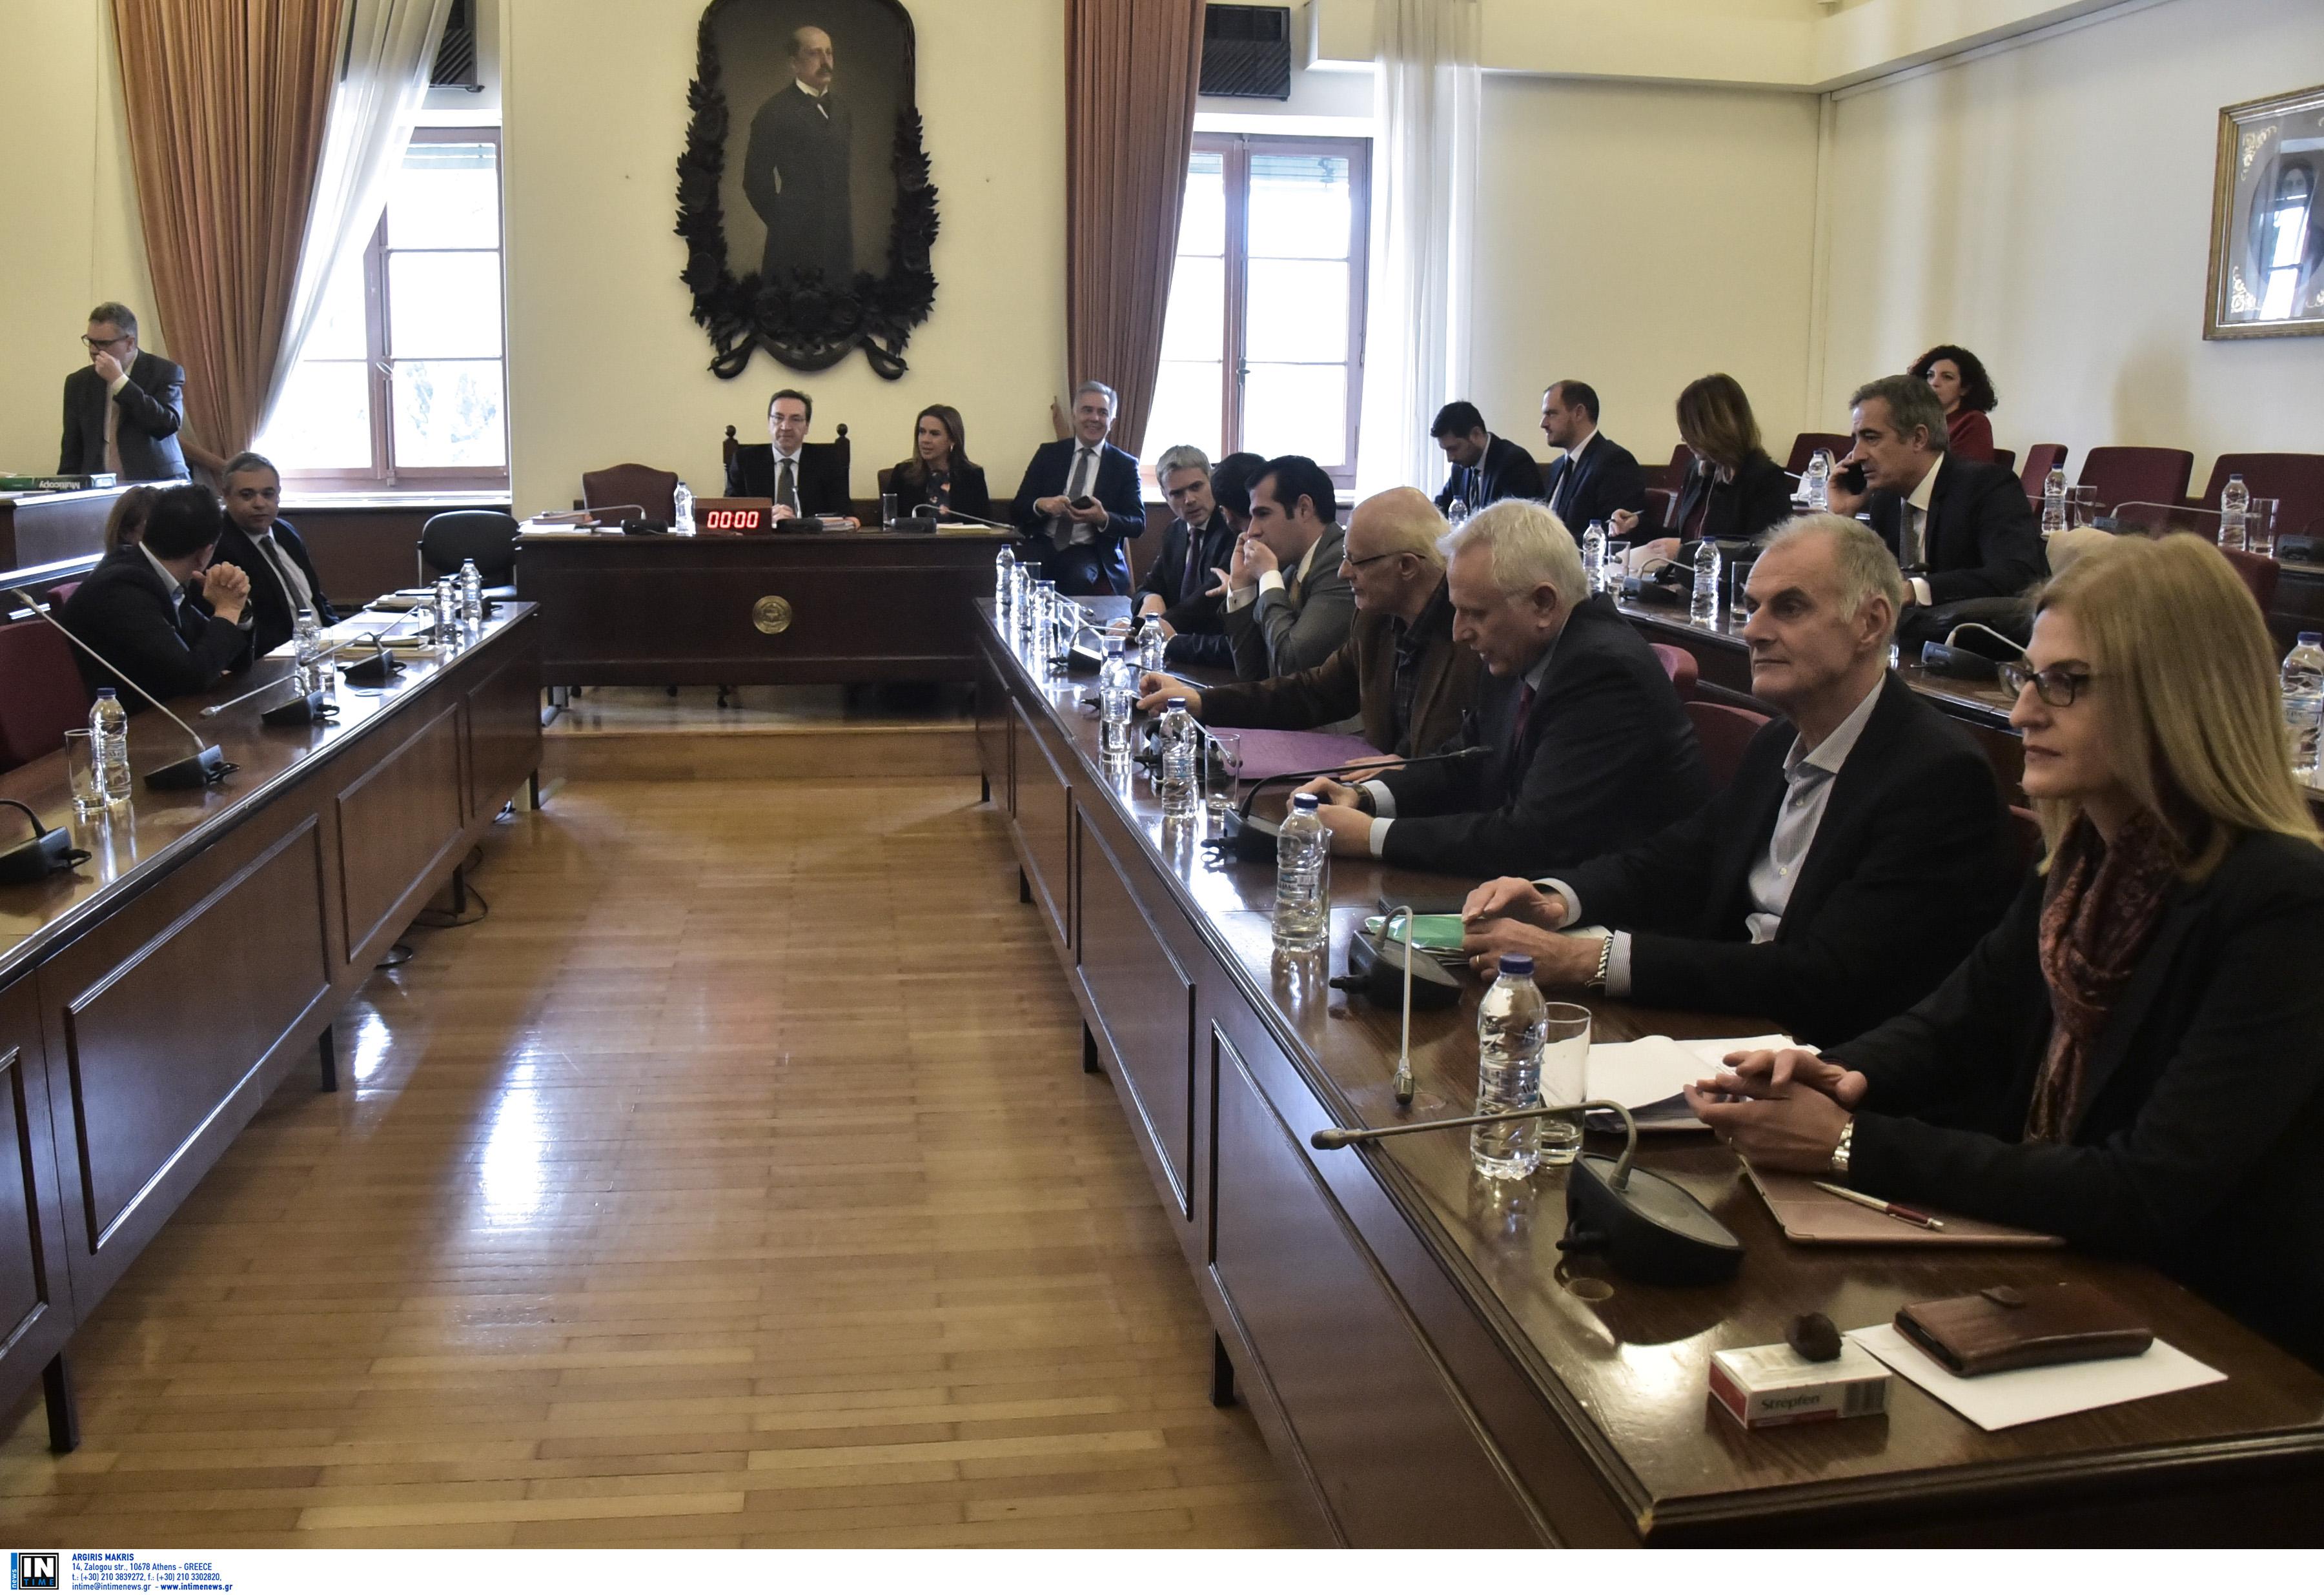 Βουλκίδης: Μου πρότειναν να γίνω προστατευόμενος μάρτυρας – Δεν έδωσα πολιτικούς και με κάλεσαν ως ύποπτο